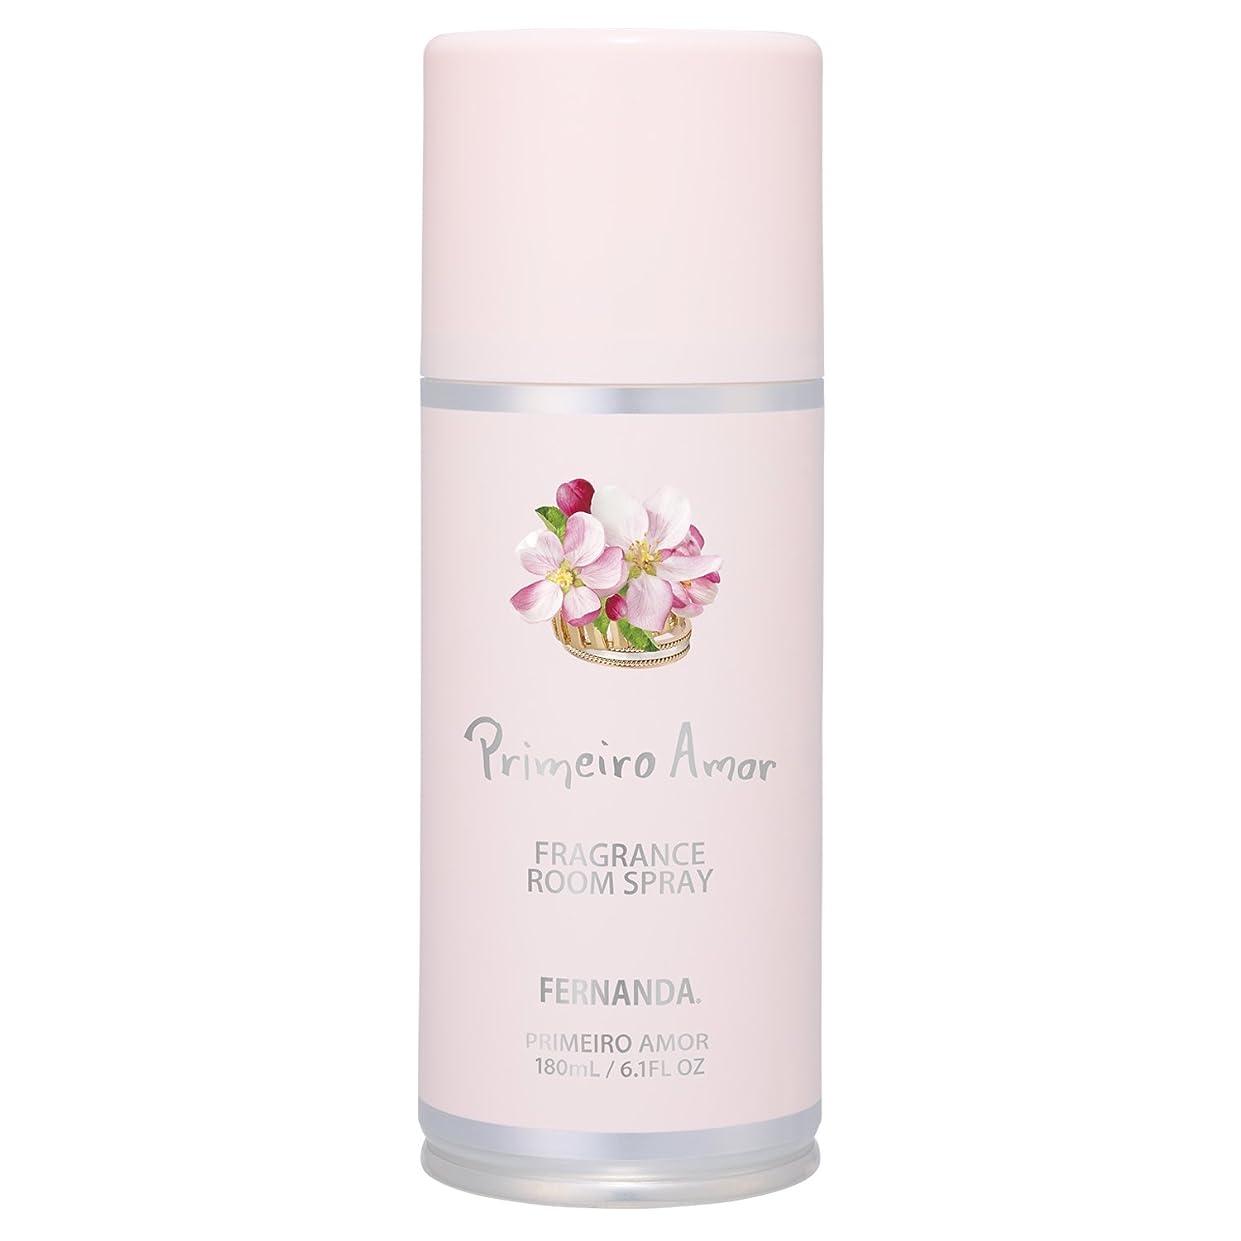 豊かにする重量宇宙船FERNANDA(フェルナンダ) Room Spray Primeiro Amor(ルームスプレー プリメイロアモール)